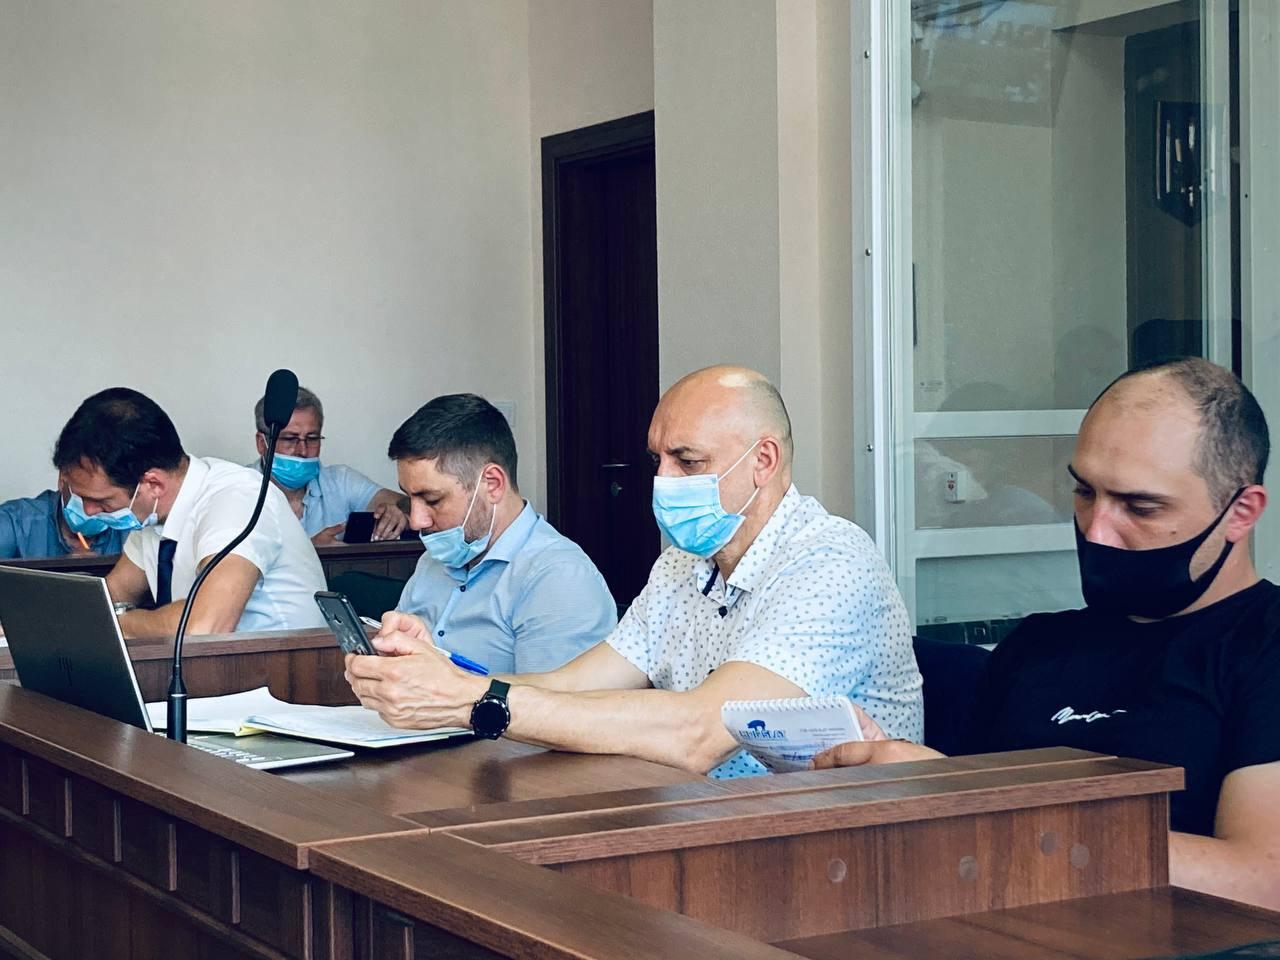 Сергій Тамтура, адвокати Ігор Варфоломєєв, Олександр Горошинський та Стефан Решко.